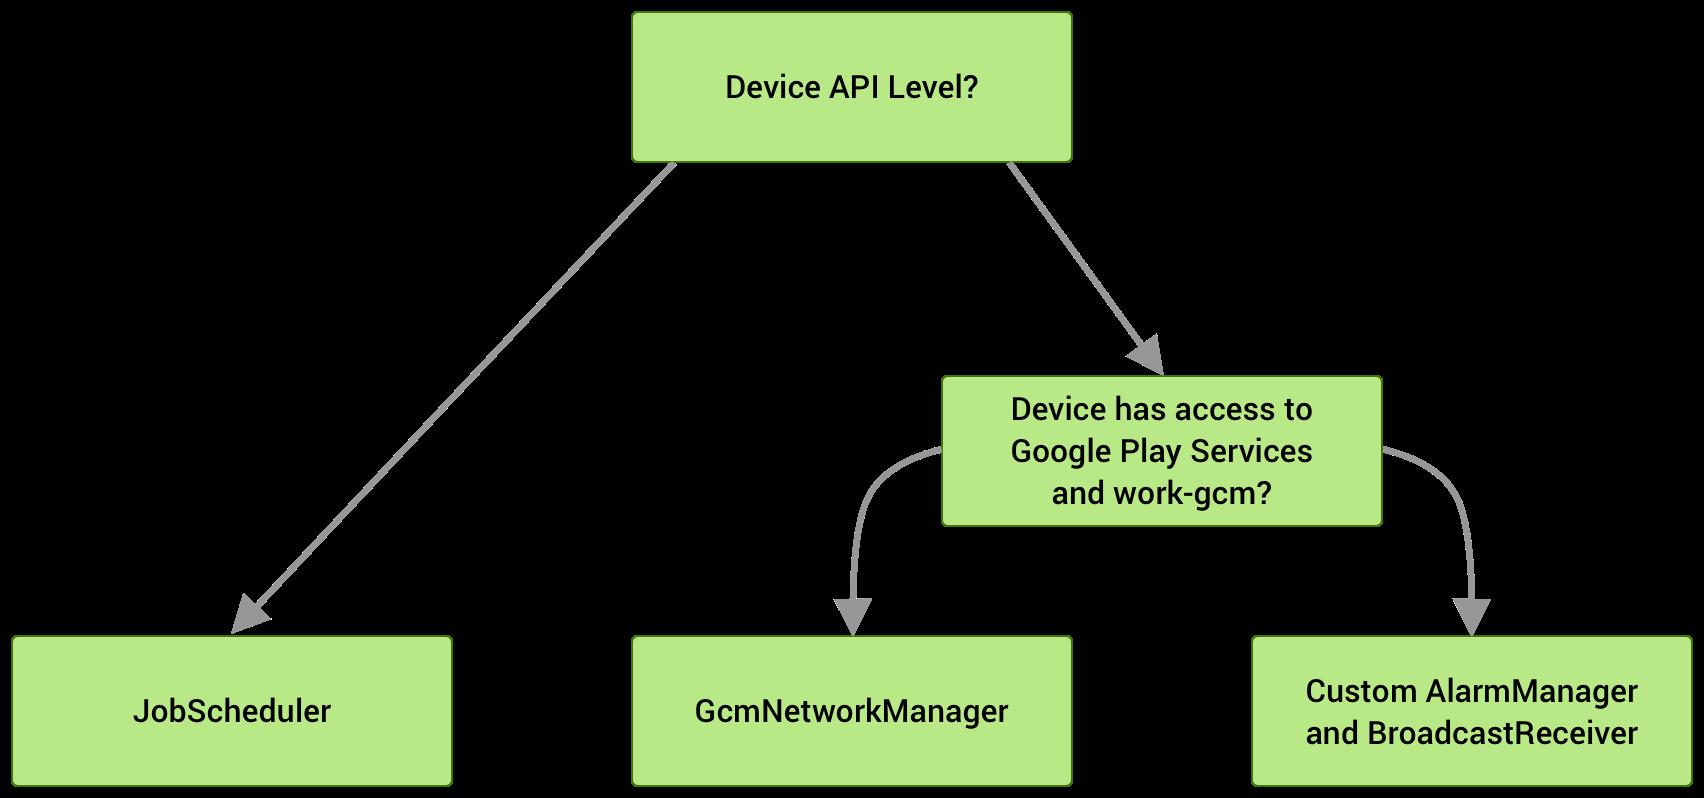 Jika perangkat dijalankan di API Level 23 atau yang lebih tinggi, JobScheduler akan digunakan. Pada API Level 14-22, GcmNetworkManager dipilih jika tersedia, jika tidak, implementasi AlarmManager dan BroadcastReciever kustom digunakan sebagai fallback.